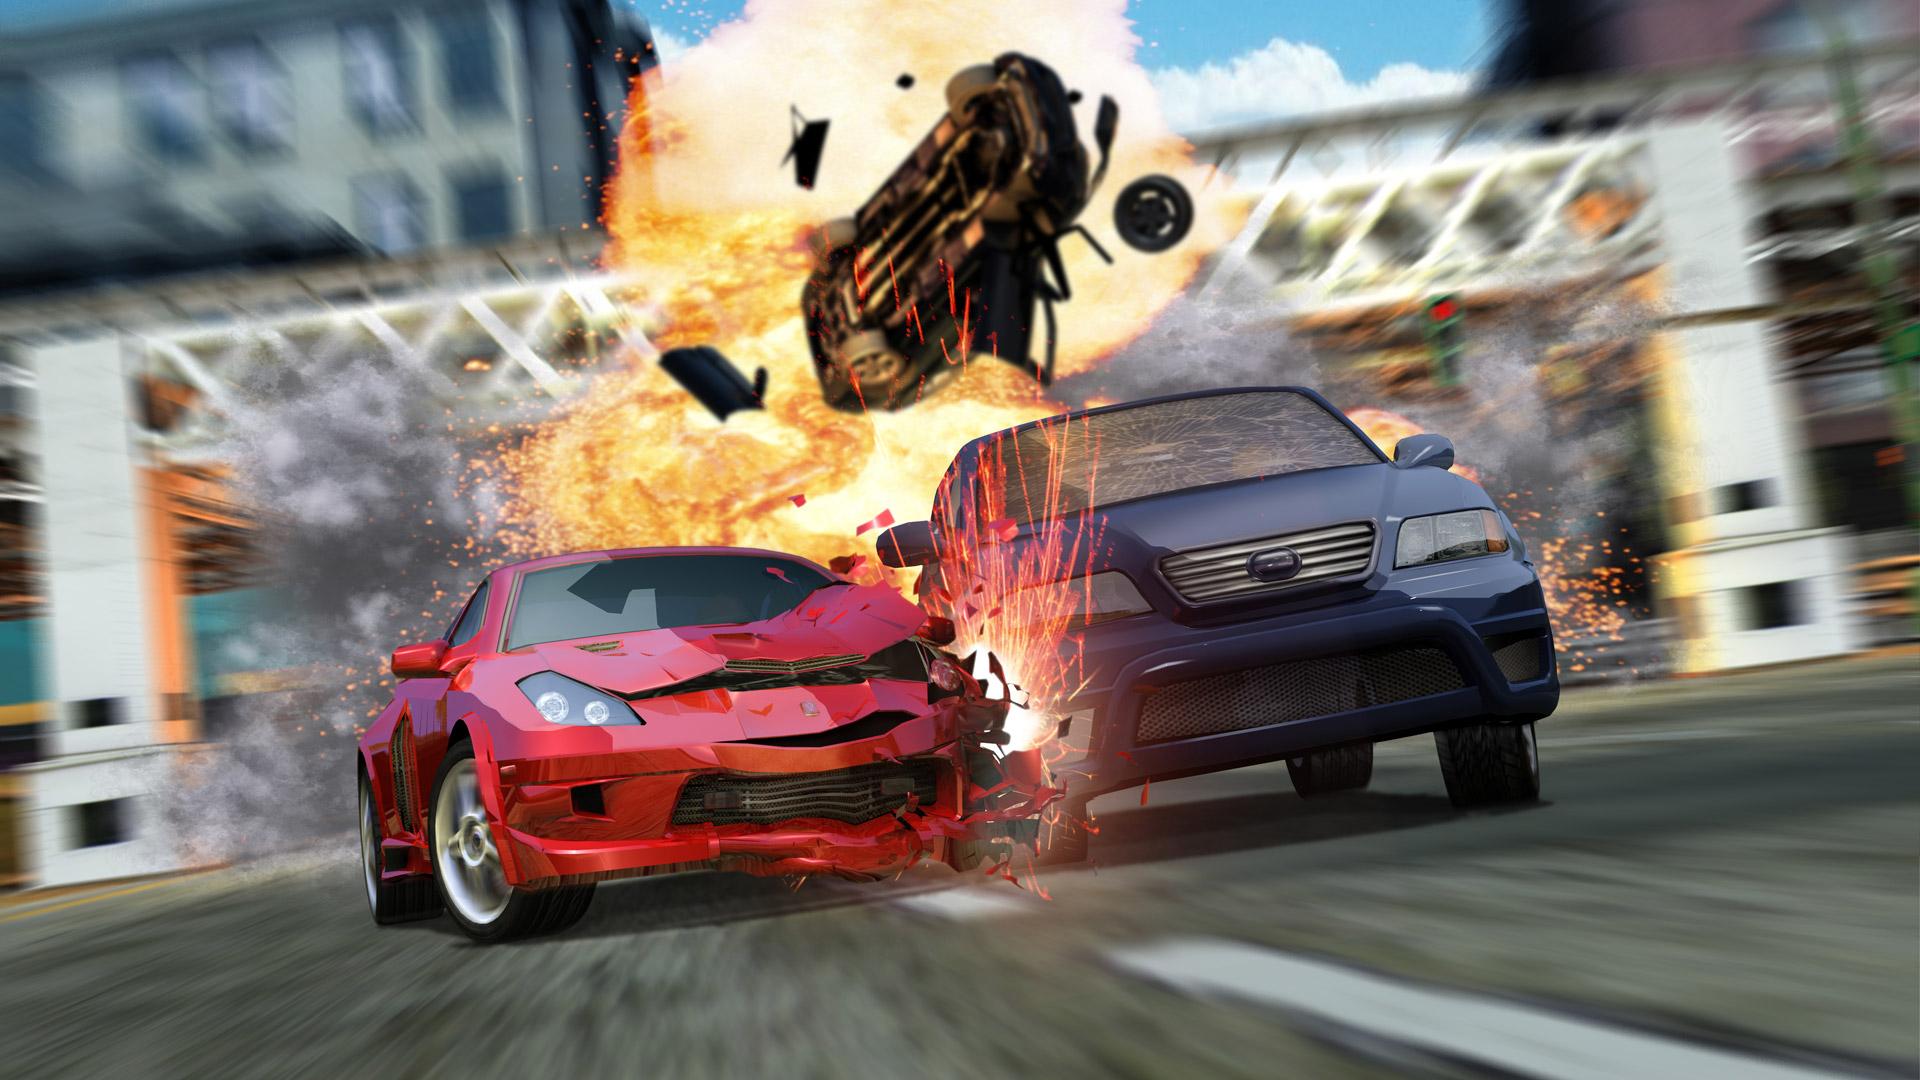 5 Burnout 3: Takedown HD Wallpapers